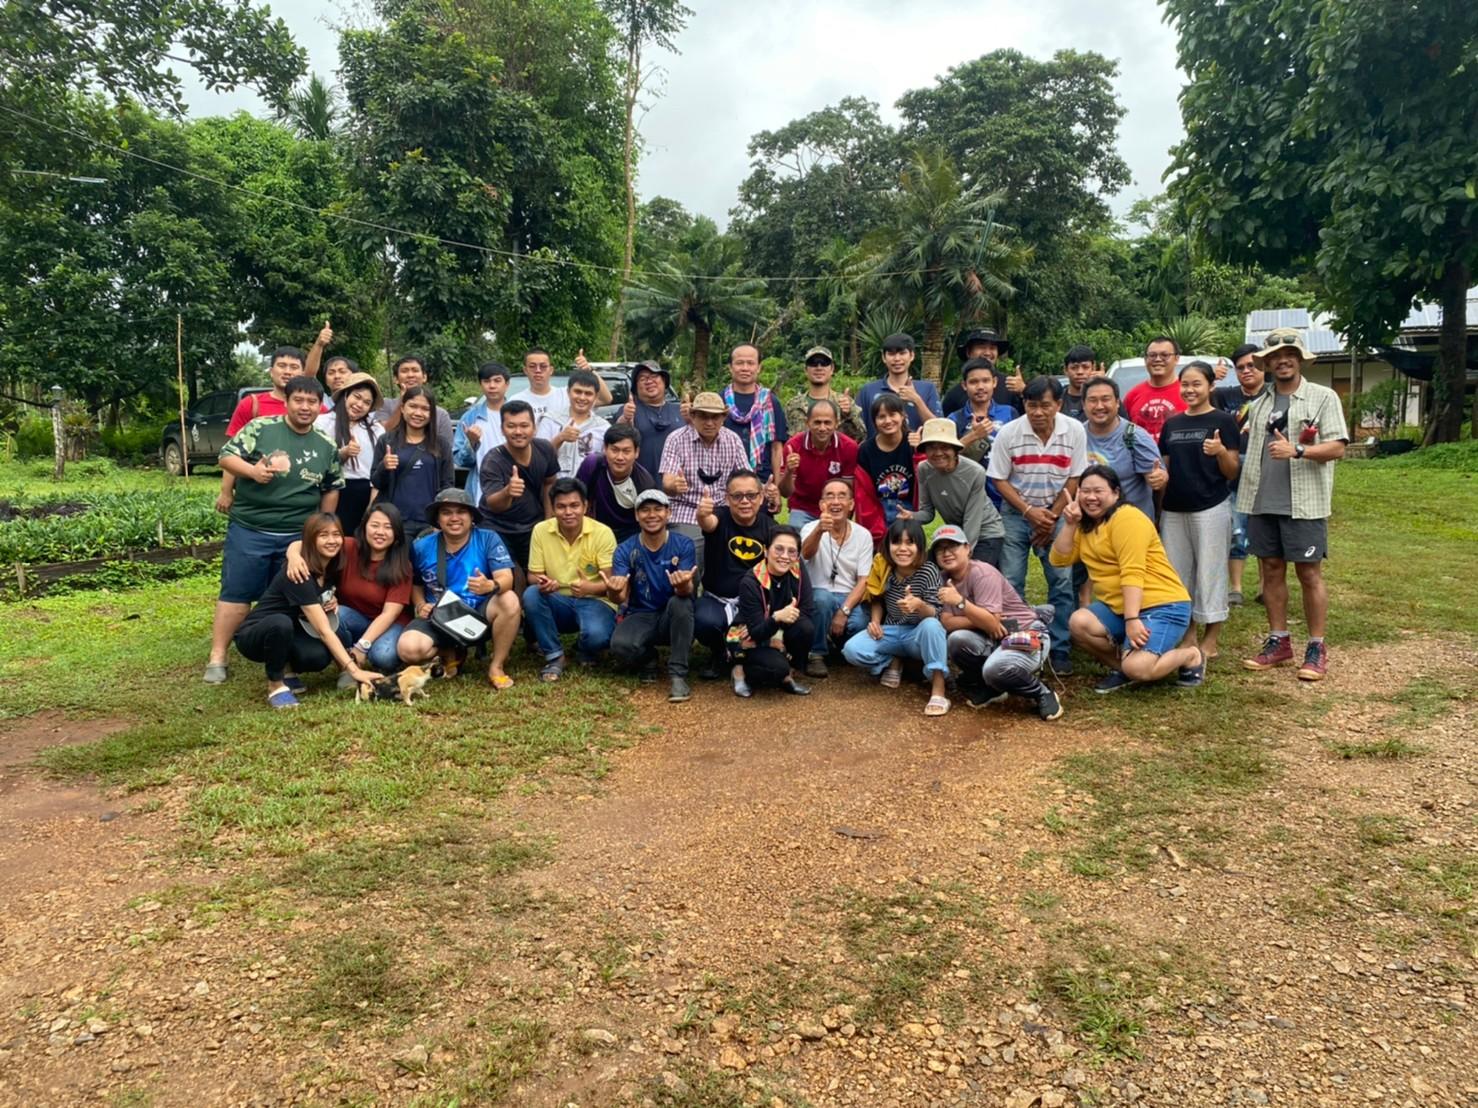 เมื่อวันที่วันที่ 14 - 20 กันยายน 2563 ที่ผ่านมา ศูนย์การปรับปรุงพันธุ์อ้อยแห่งปนะเทศไทย ได้จัดฝึกอบรมเชิงปฏิบัติการพัฒนาบุคลากรสำนักคณะกรรมการอ้อยและน้ำตาลทรายและผู้เกี่ยวข้อง